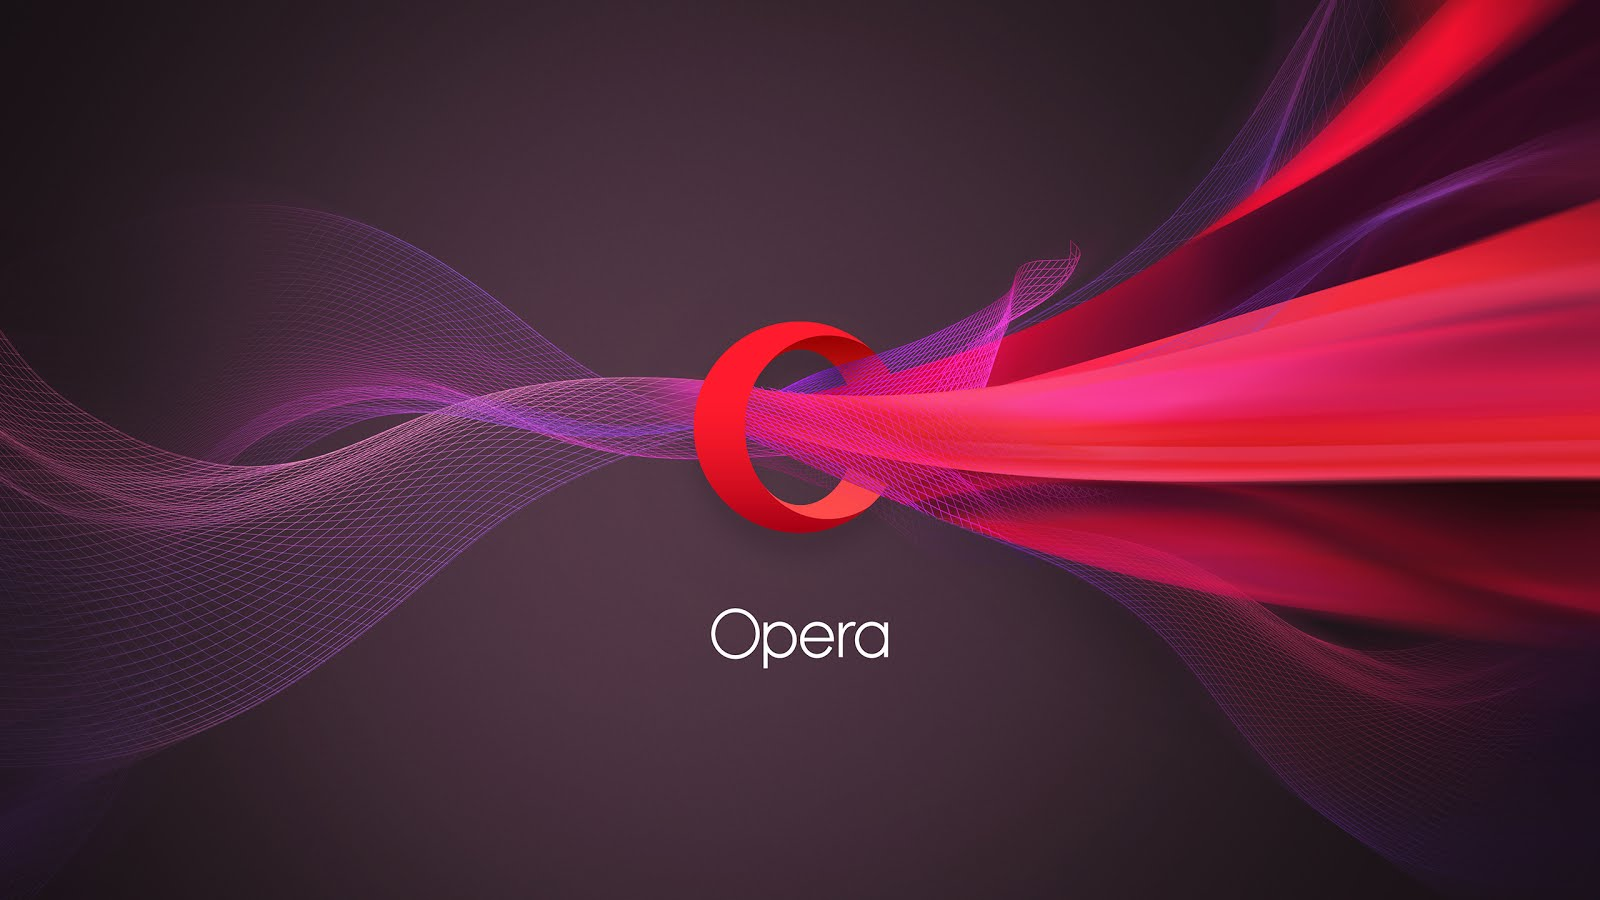 تحميل برنامج اوبرا مينى Opera Mini للاندرويد اصدار 2017 التحديث الاخير تحميل برابط مباشر 9